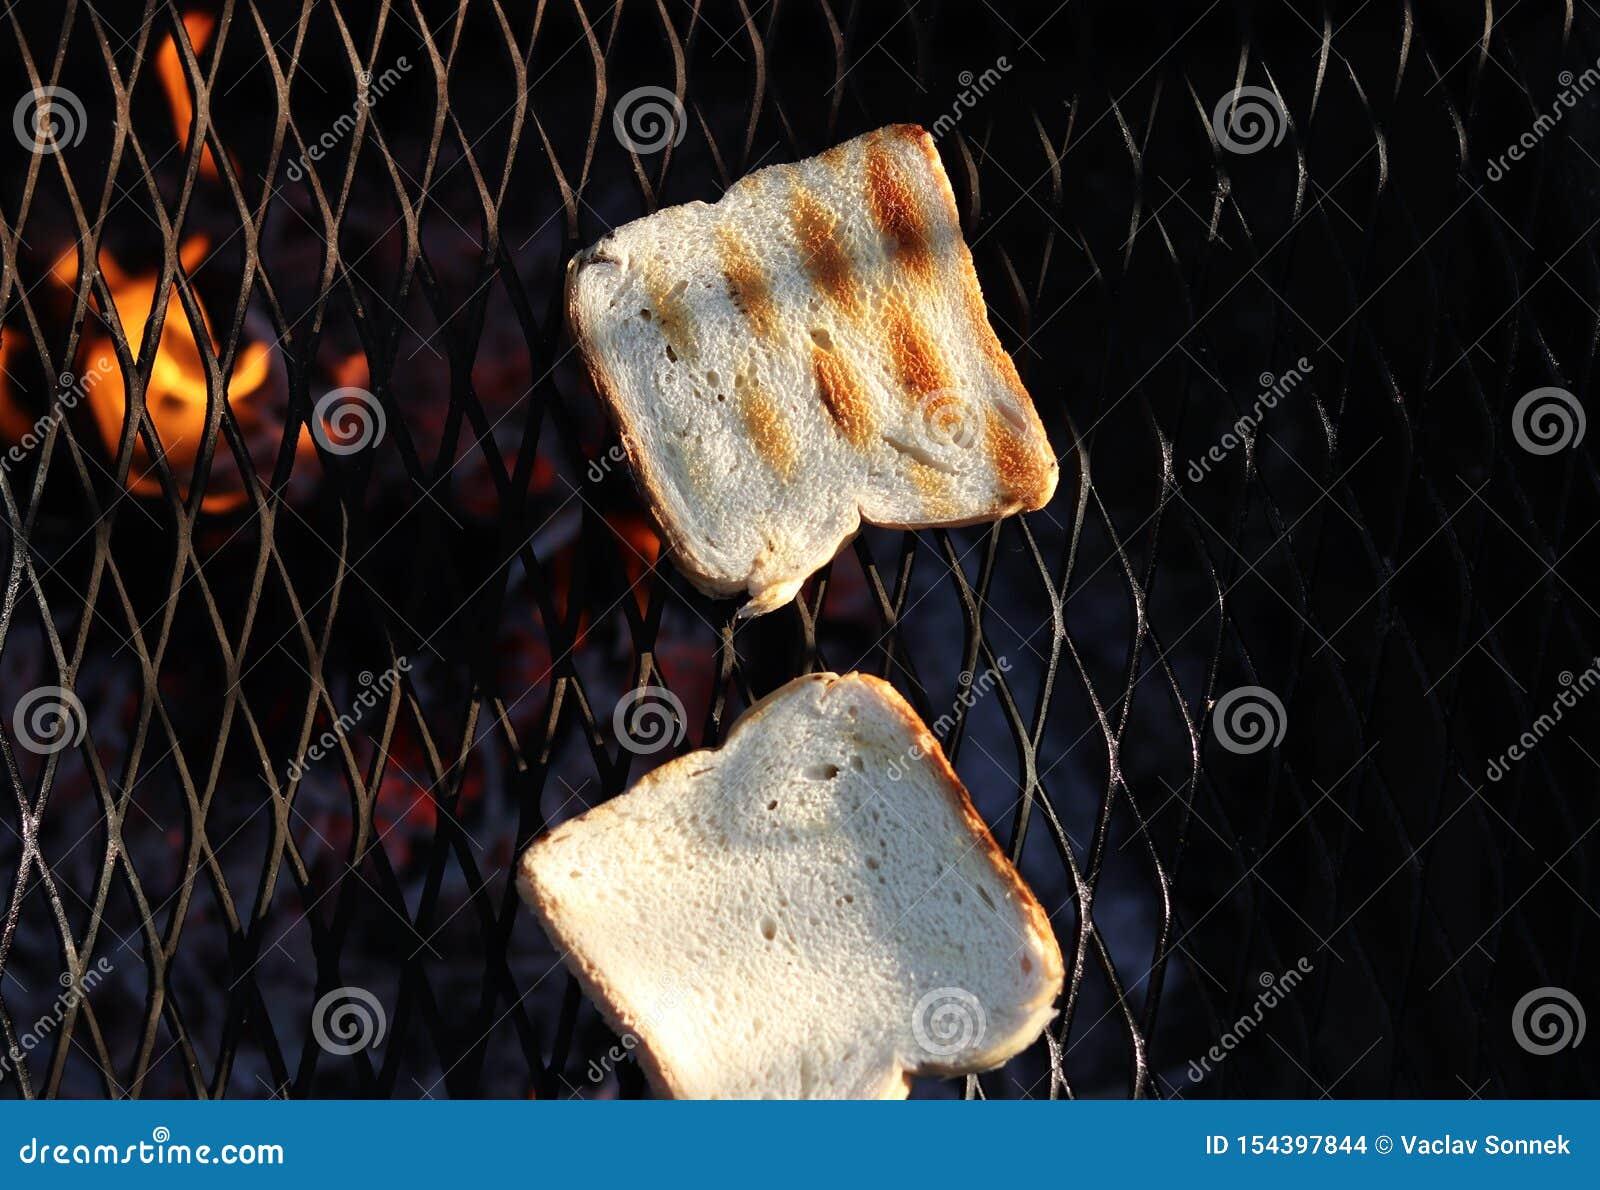 Gegrillter weißer Toast auf speziellem schwarzem Grill für tadellos knusperige Zartheit Toast auf der mittleren Flamme braten gem